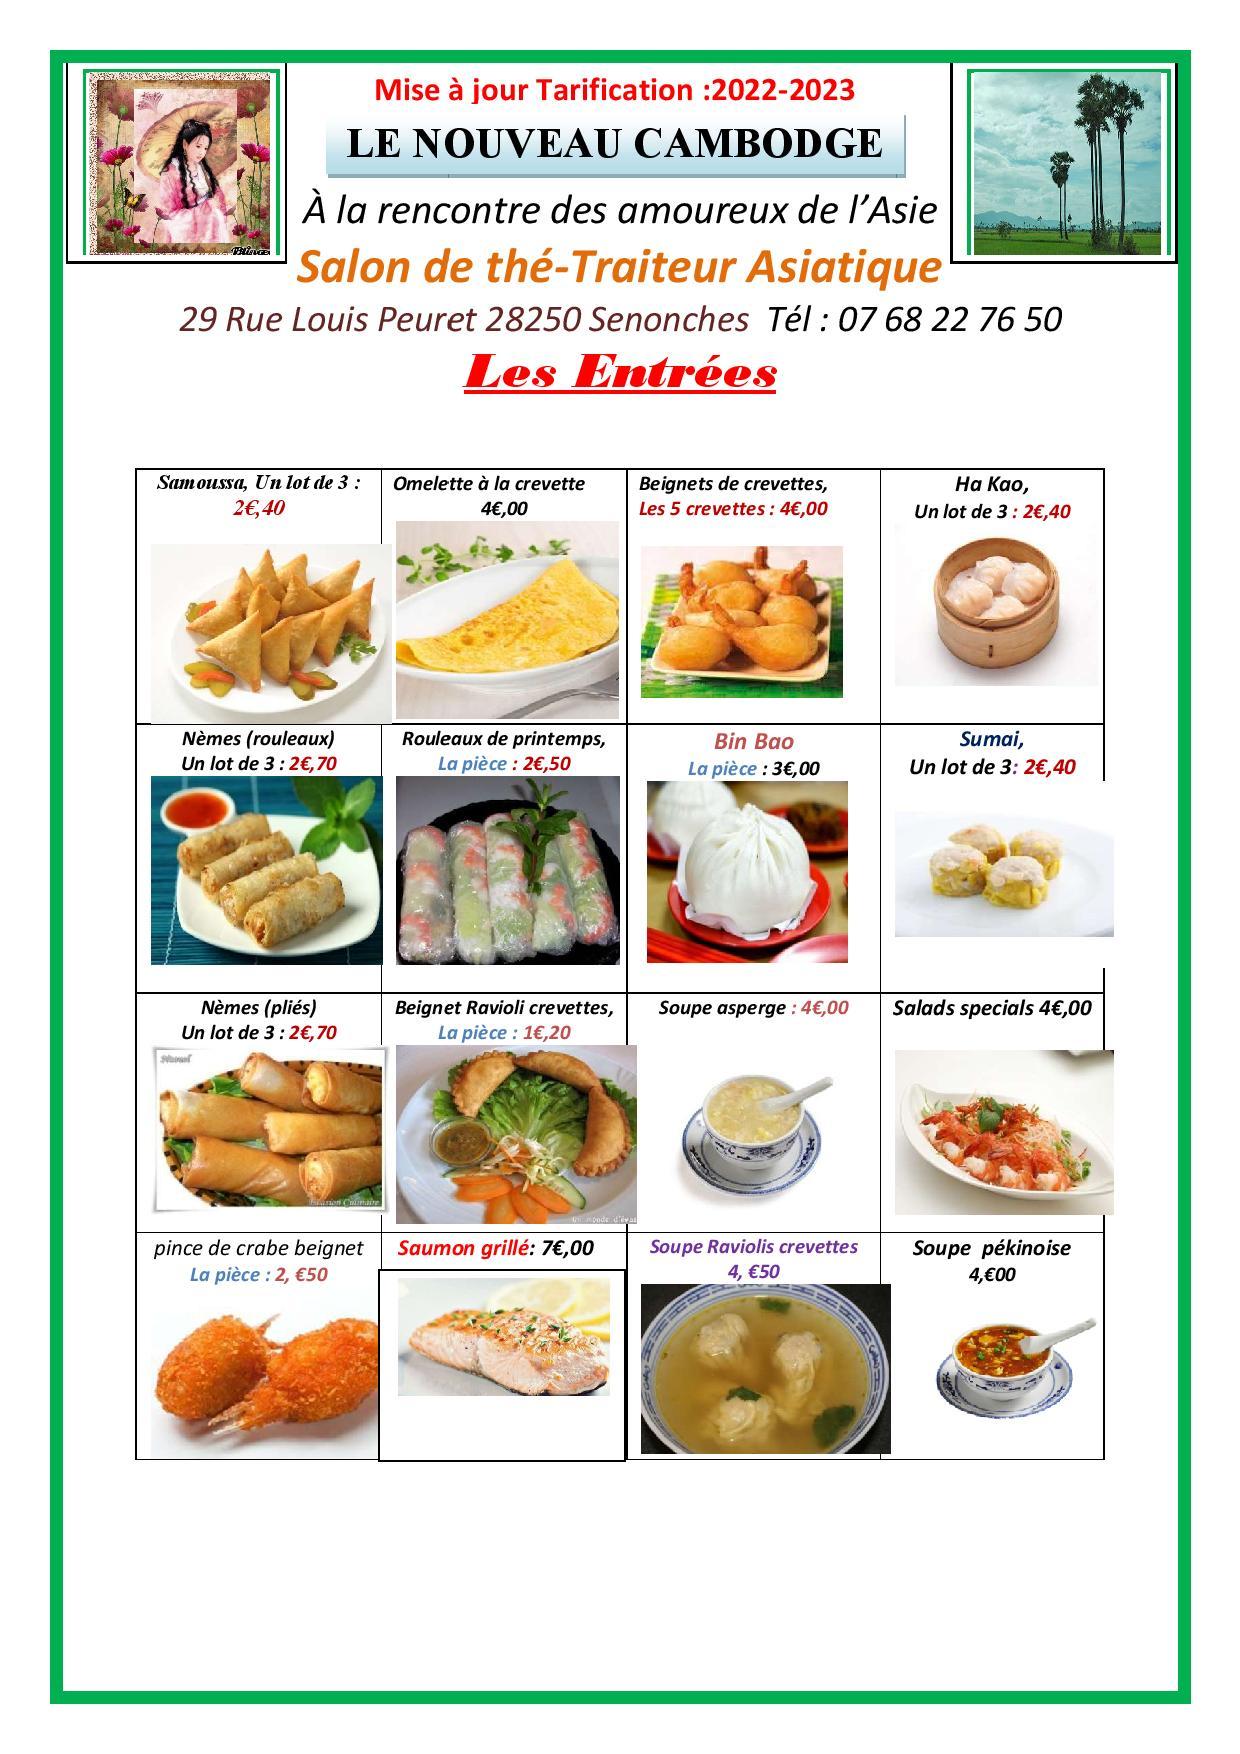 le nouveau cambodge - Menu-Restaurant Le Nouveau Cambodge à Snonches 1-page-001